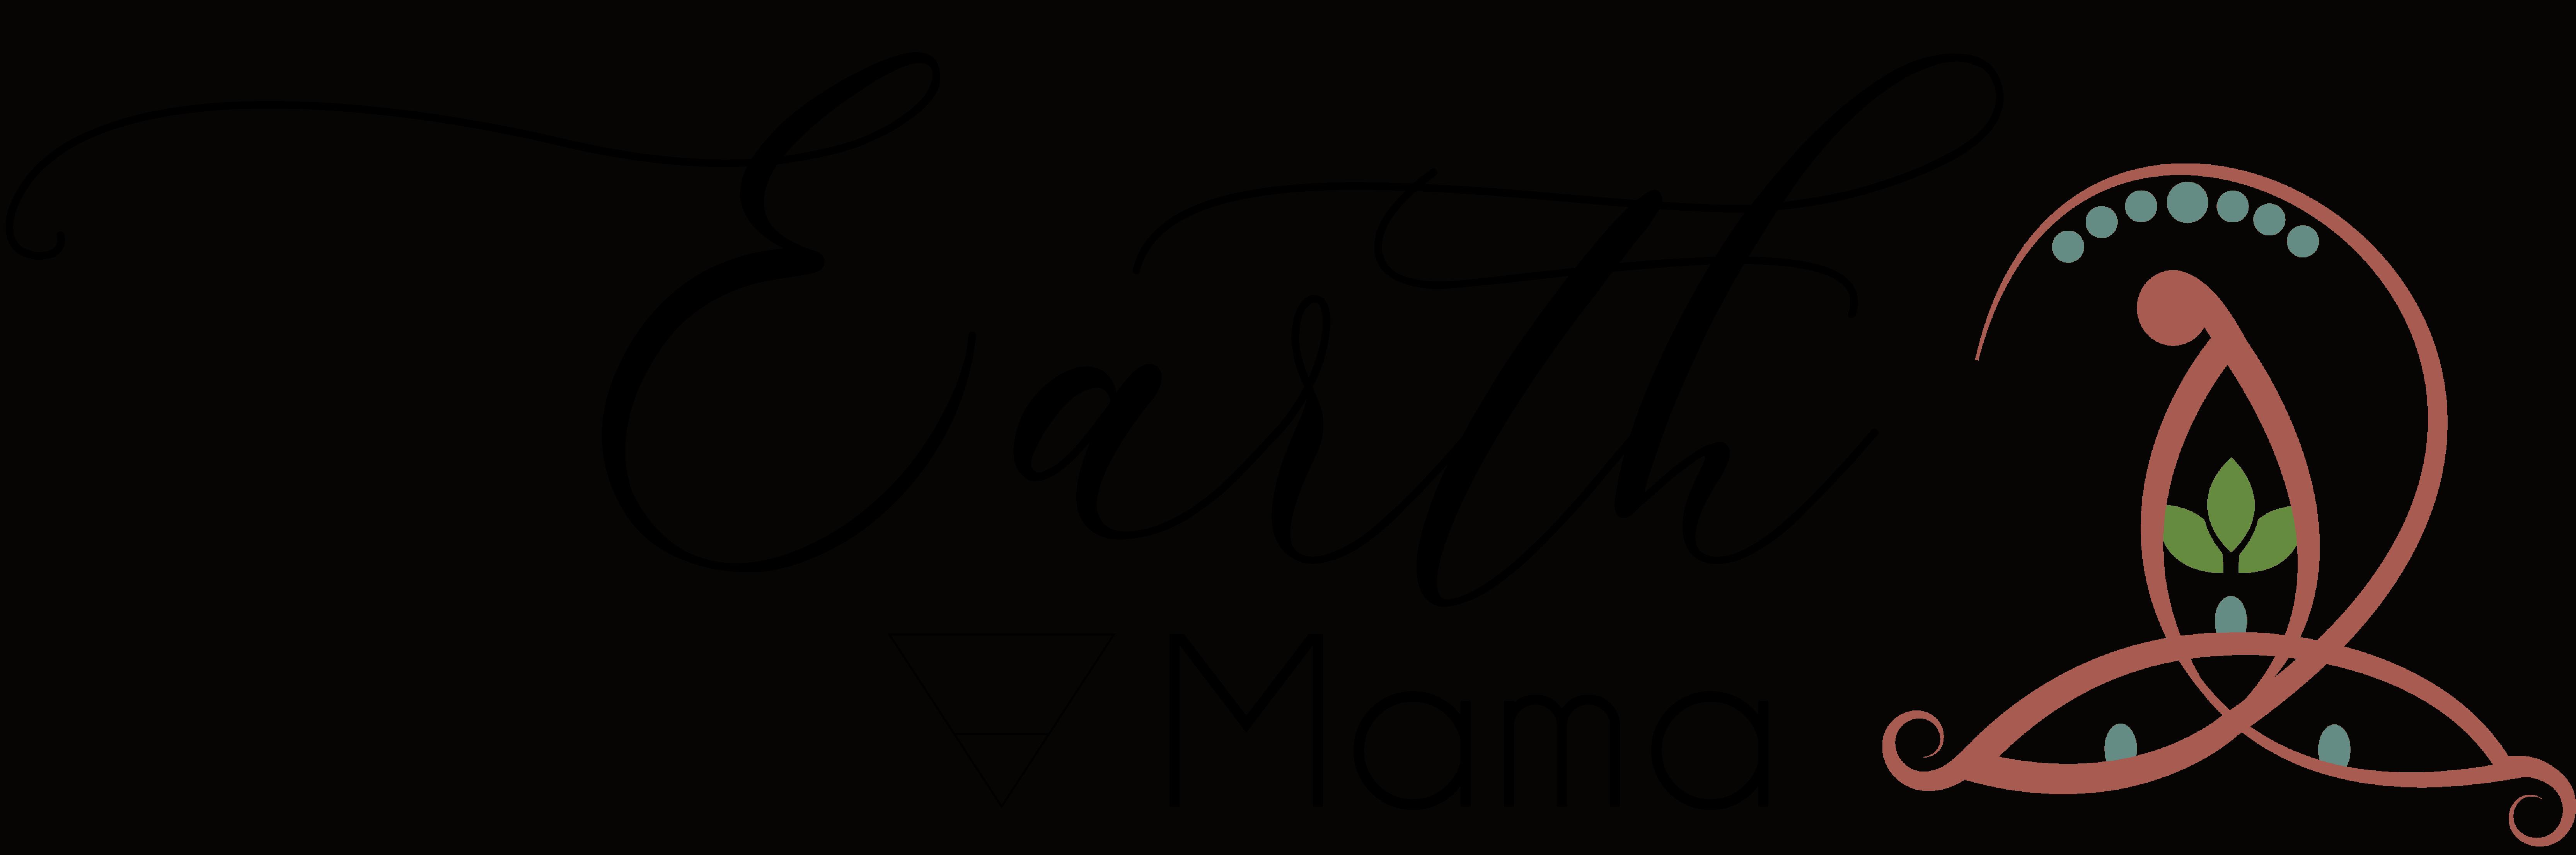 Earth logo en tekst